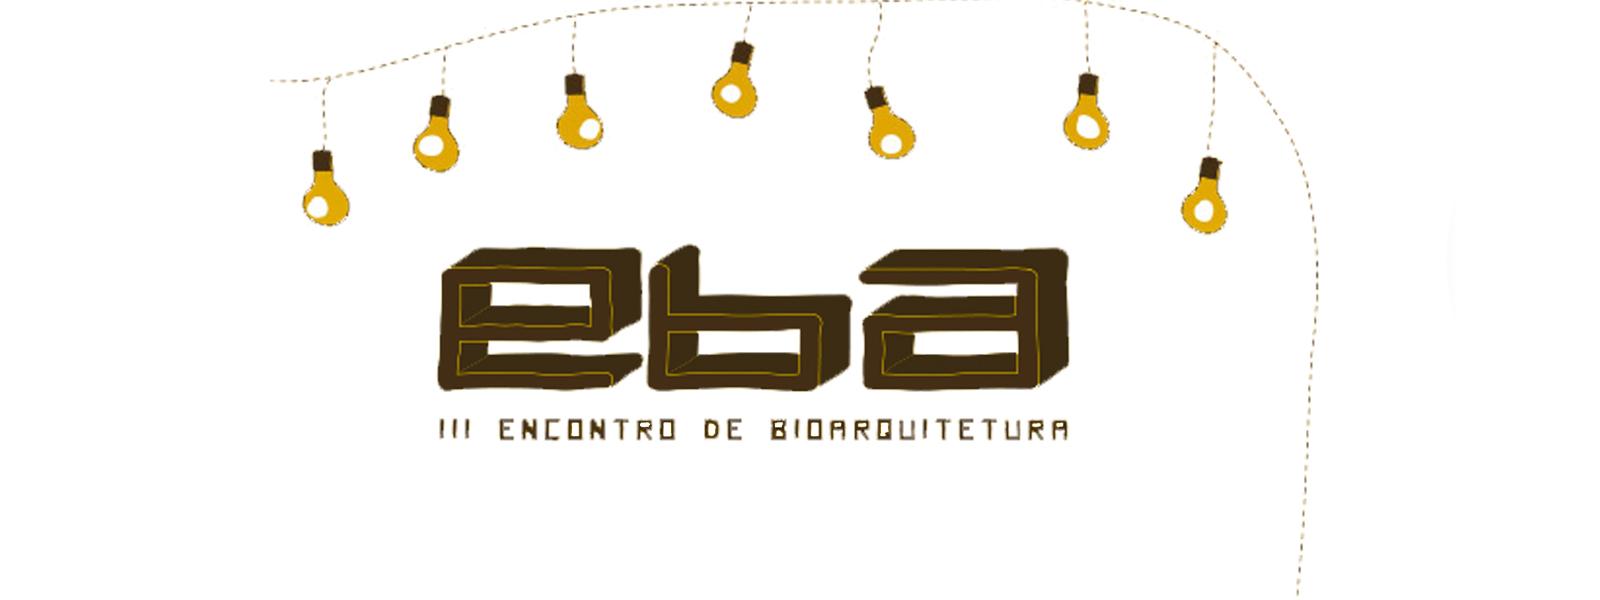 encontro-bioarquitetura-3